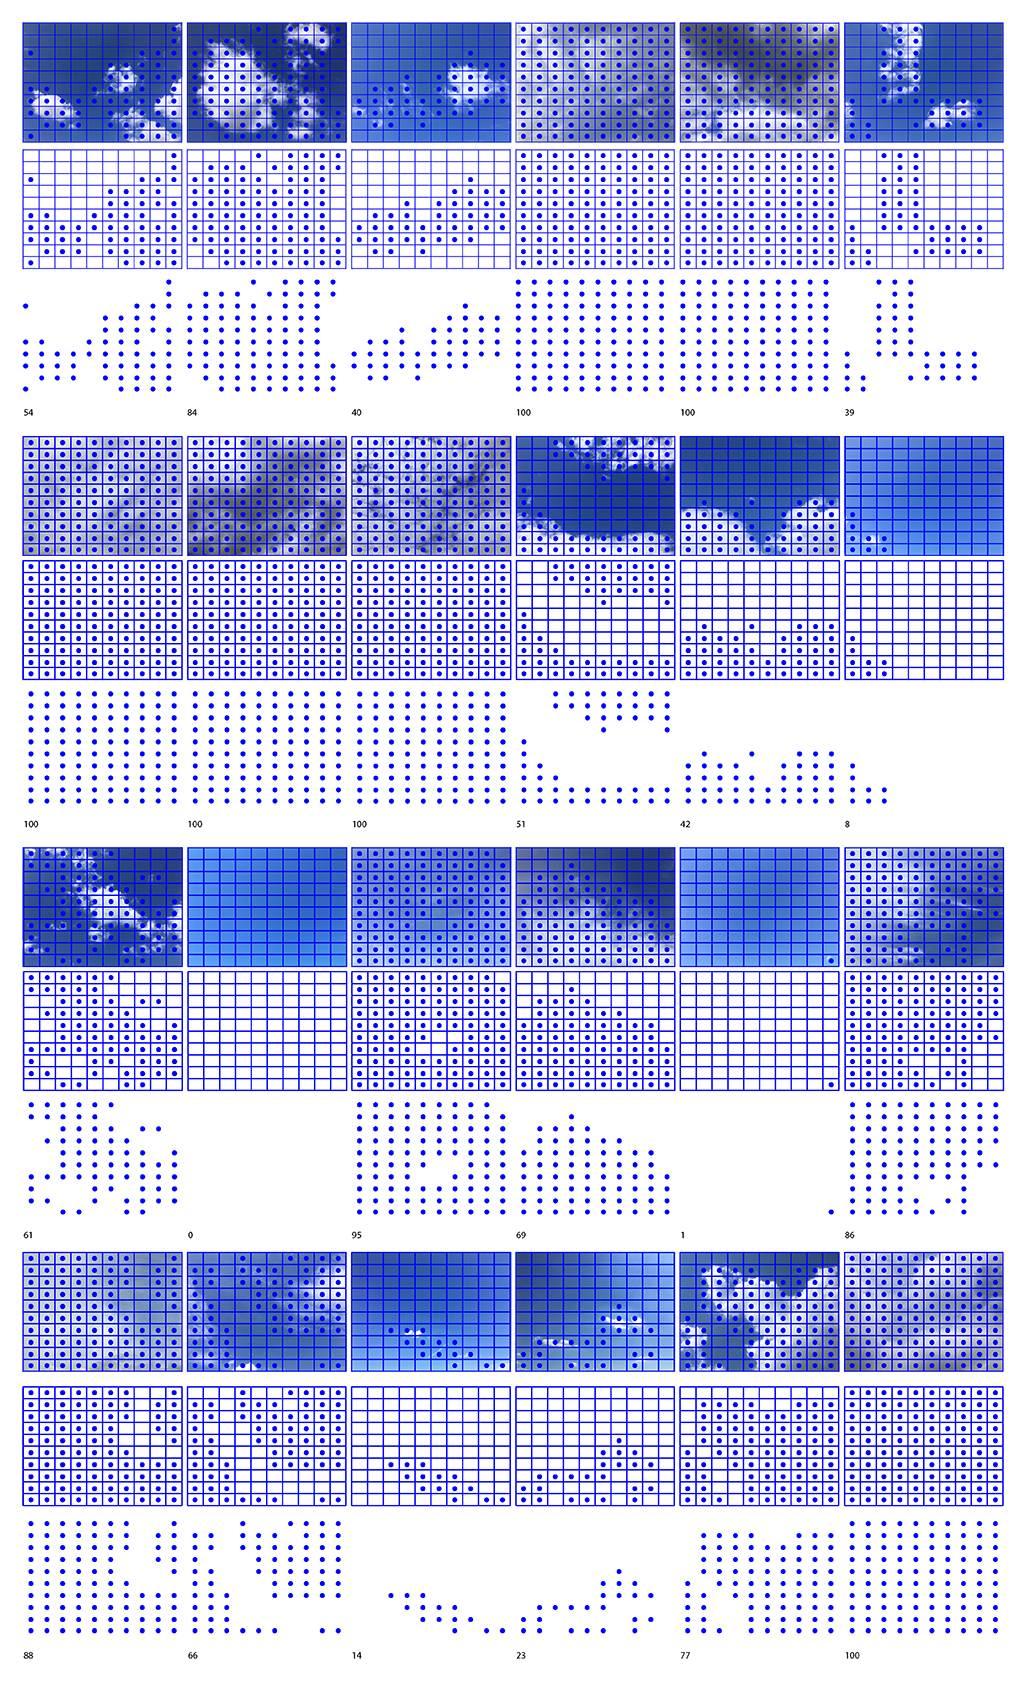 Formen des Flüchtigen  Anna Miklavčič Die generierten Ergebnisse weisen dabei keinerlei Ähnlichkeit mit dem uns vertrauten Bildern der Natur auf. Folglich wird die Wolke zur Metapher für die Bestimmbarkeit des Flüchtigen und Undefinierten.